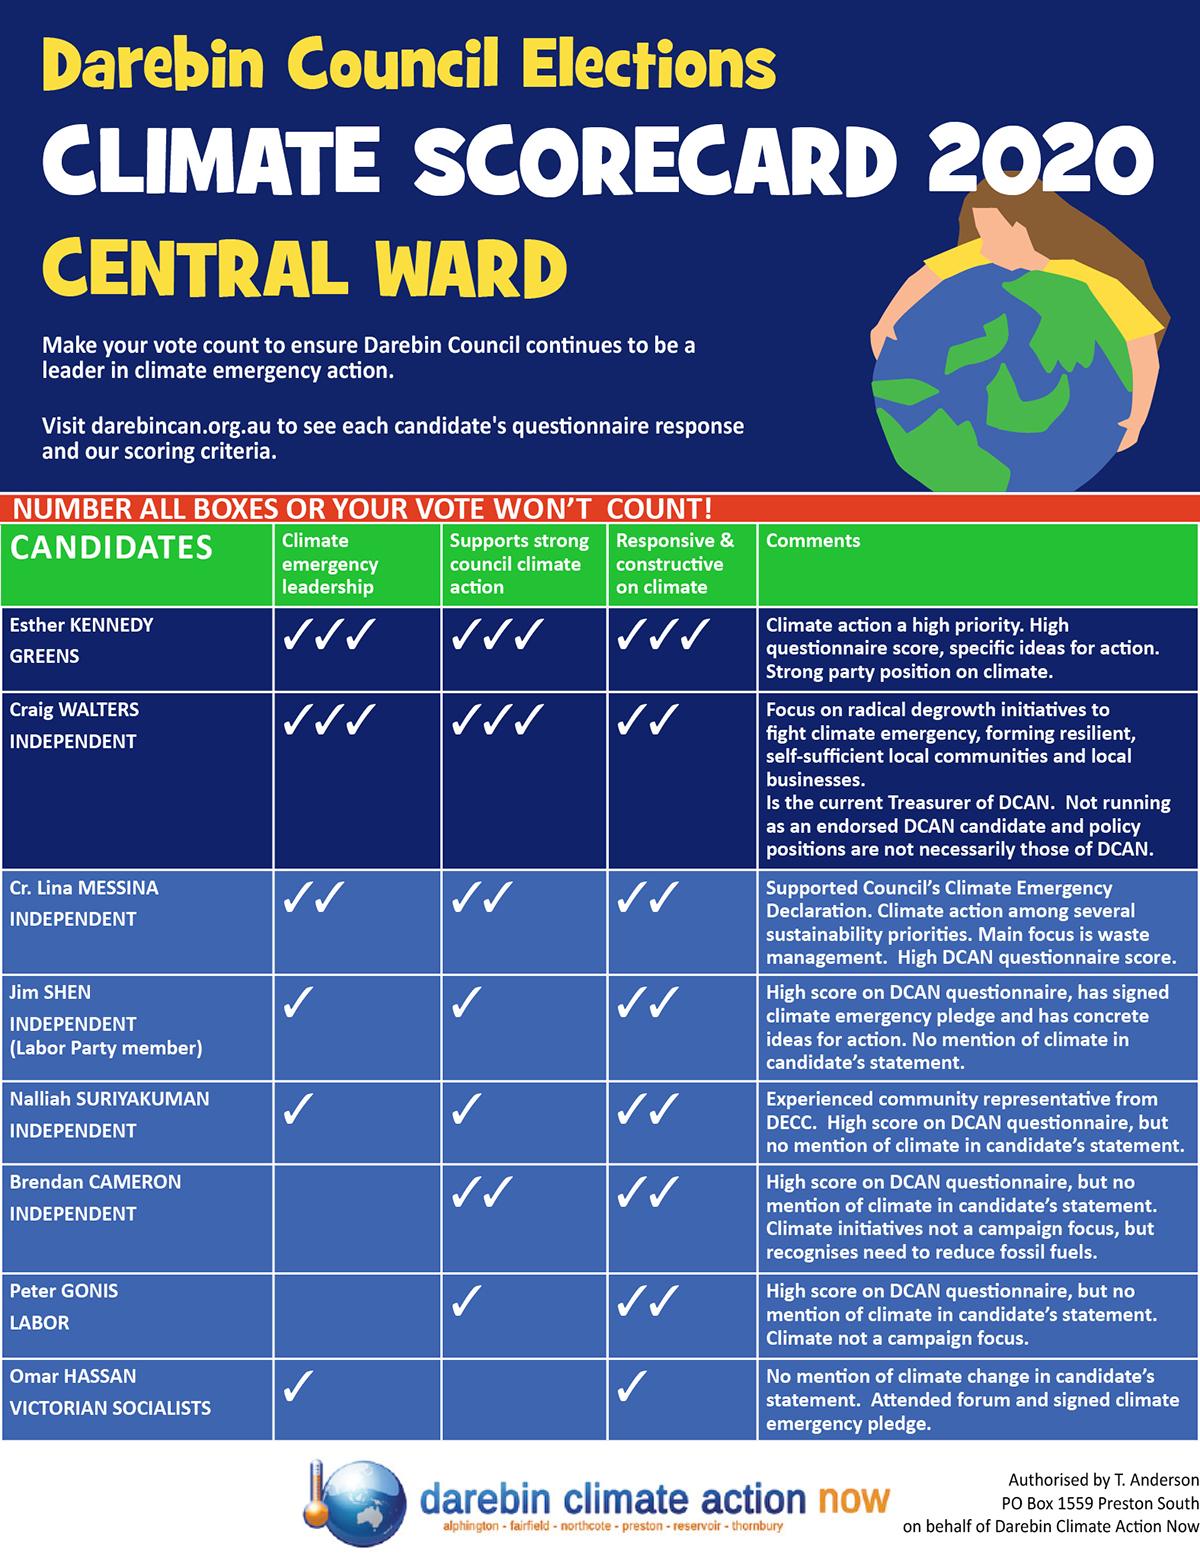 Central Ward scorecard